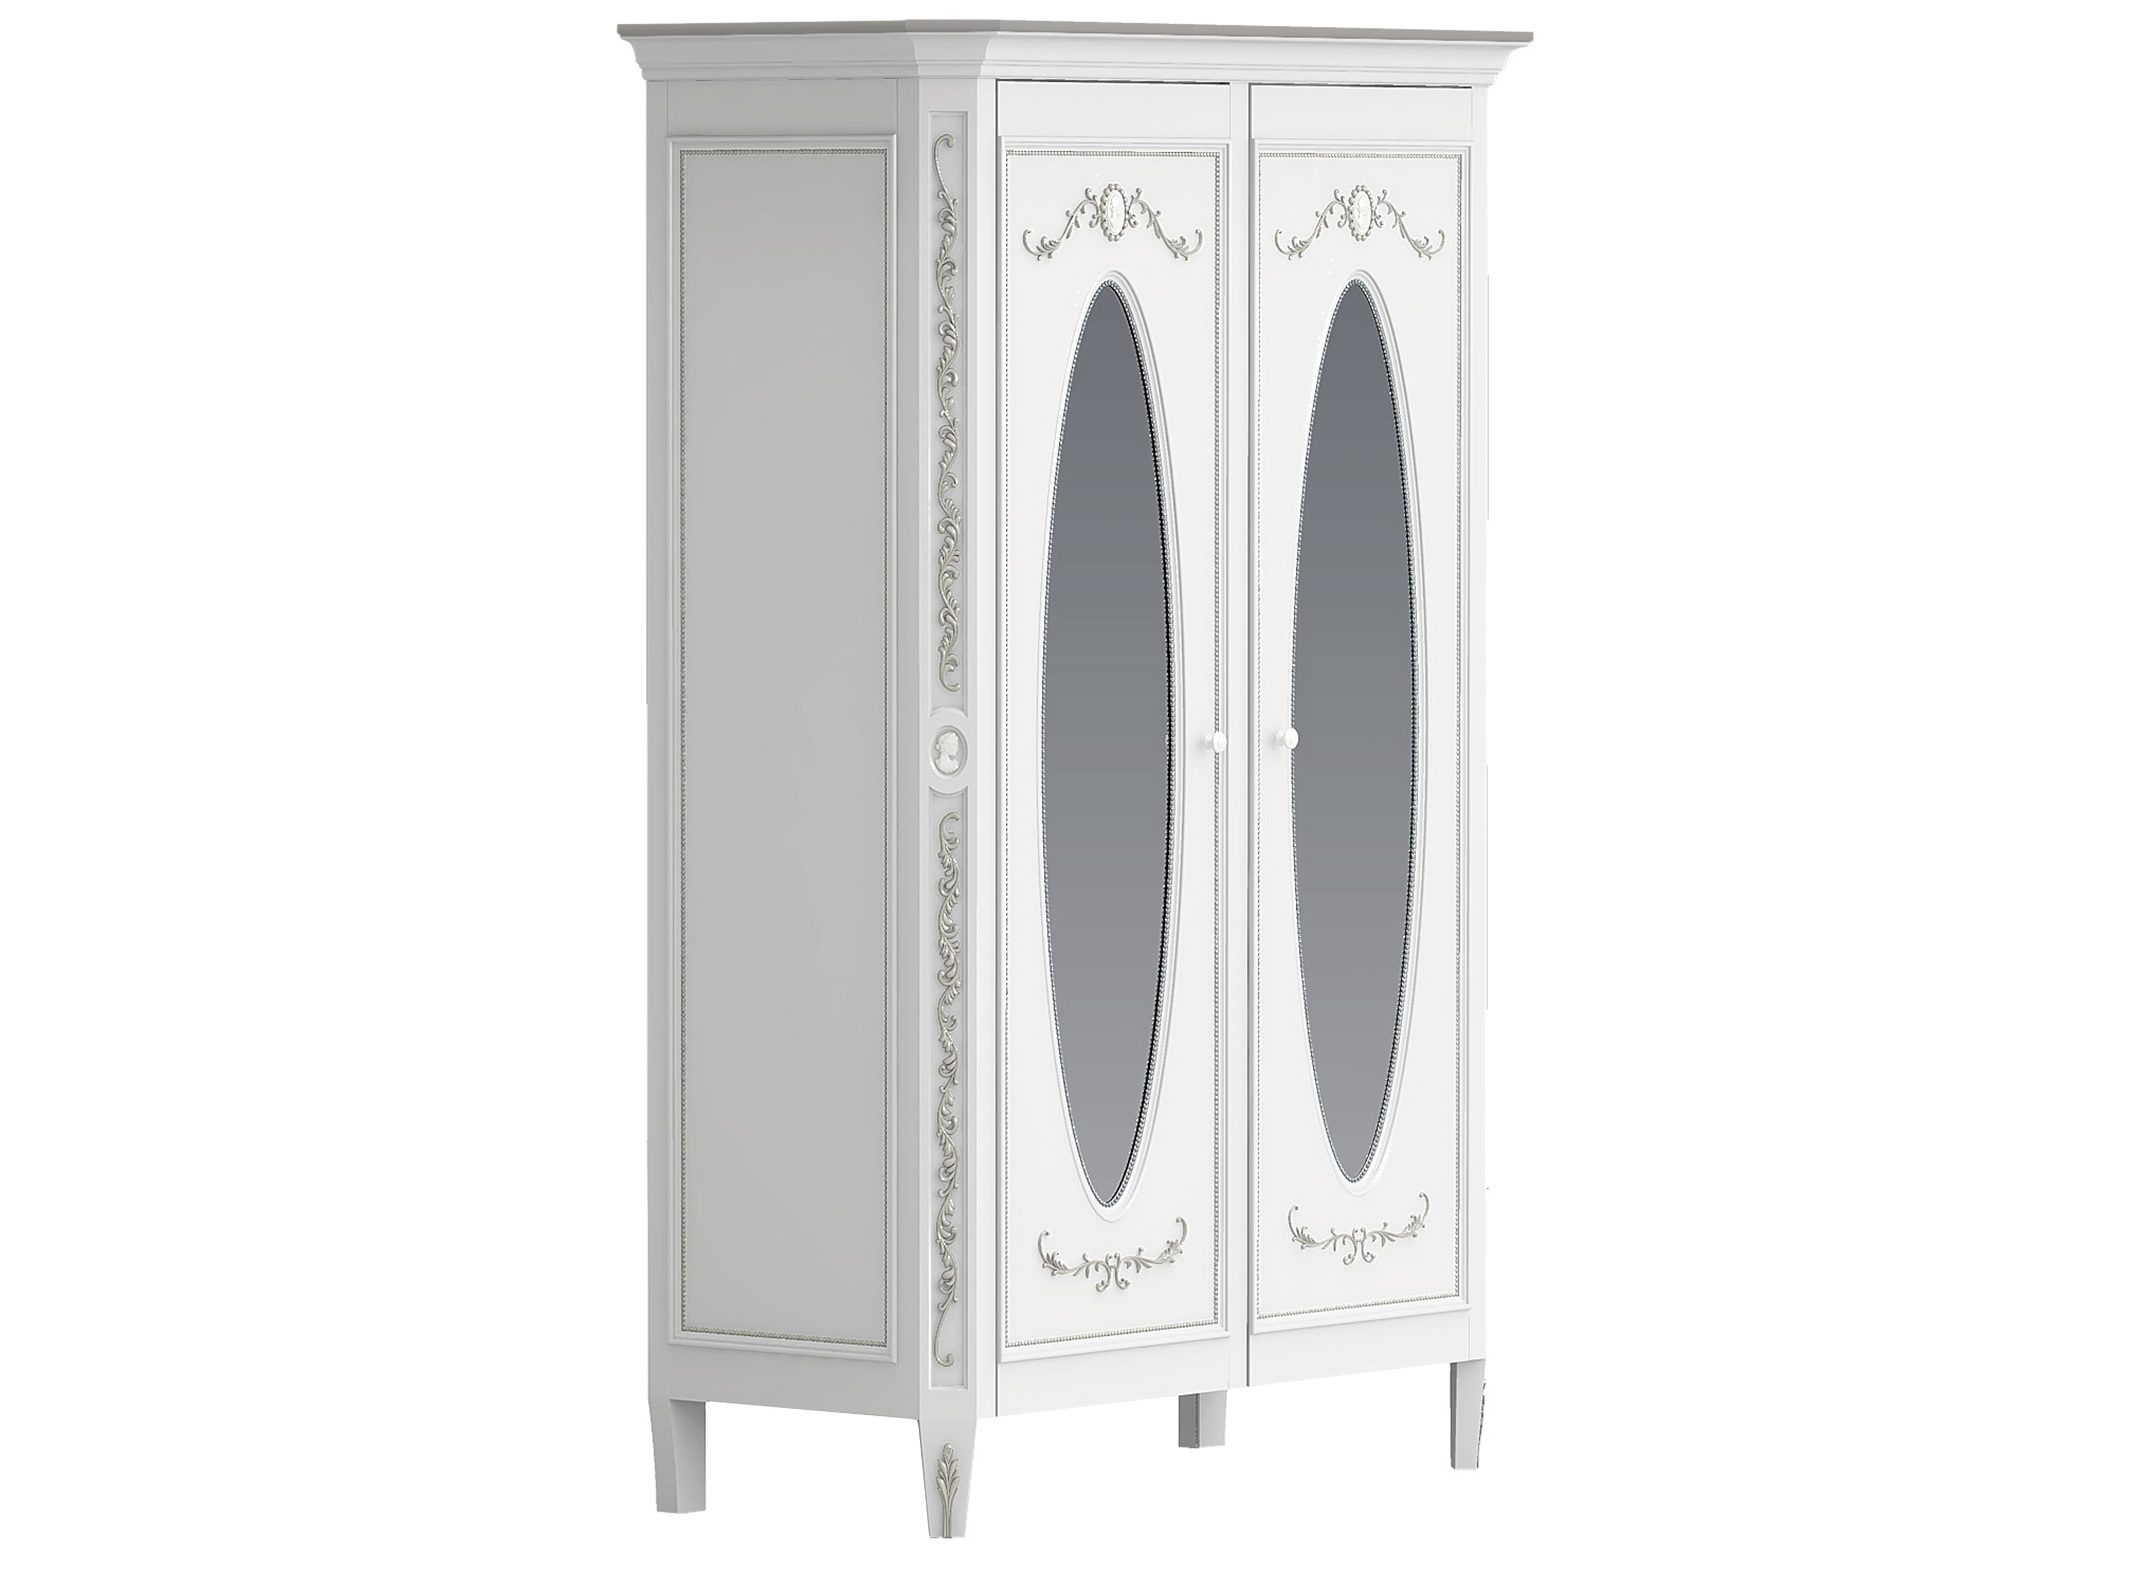 Шкаф платяной двухстворчатый с овальными зеркалами БудуарПлатяные шкафы<br>Белая мебель для спальни коллекции &amp;quot;Будуар&amp;quot; - классическая мебель стиля Барокко, воплотившая в себе женственность, красоту и нежность дамских будуаров XVIII века. Узоры из жемчужин, цветов и камей - все это объединяет в себе тонкий лепной бордюр, искусно украшающий белую мебель, а легкое патинирование придает ему оттенок времени и неповторимого шика.<br><br>Material: Бук<br>Length см: 0<br>Width см: 140<br>Depth см: 62<br>Height см: 210<br>Diameter см: 0